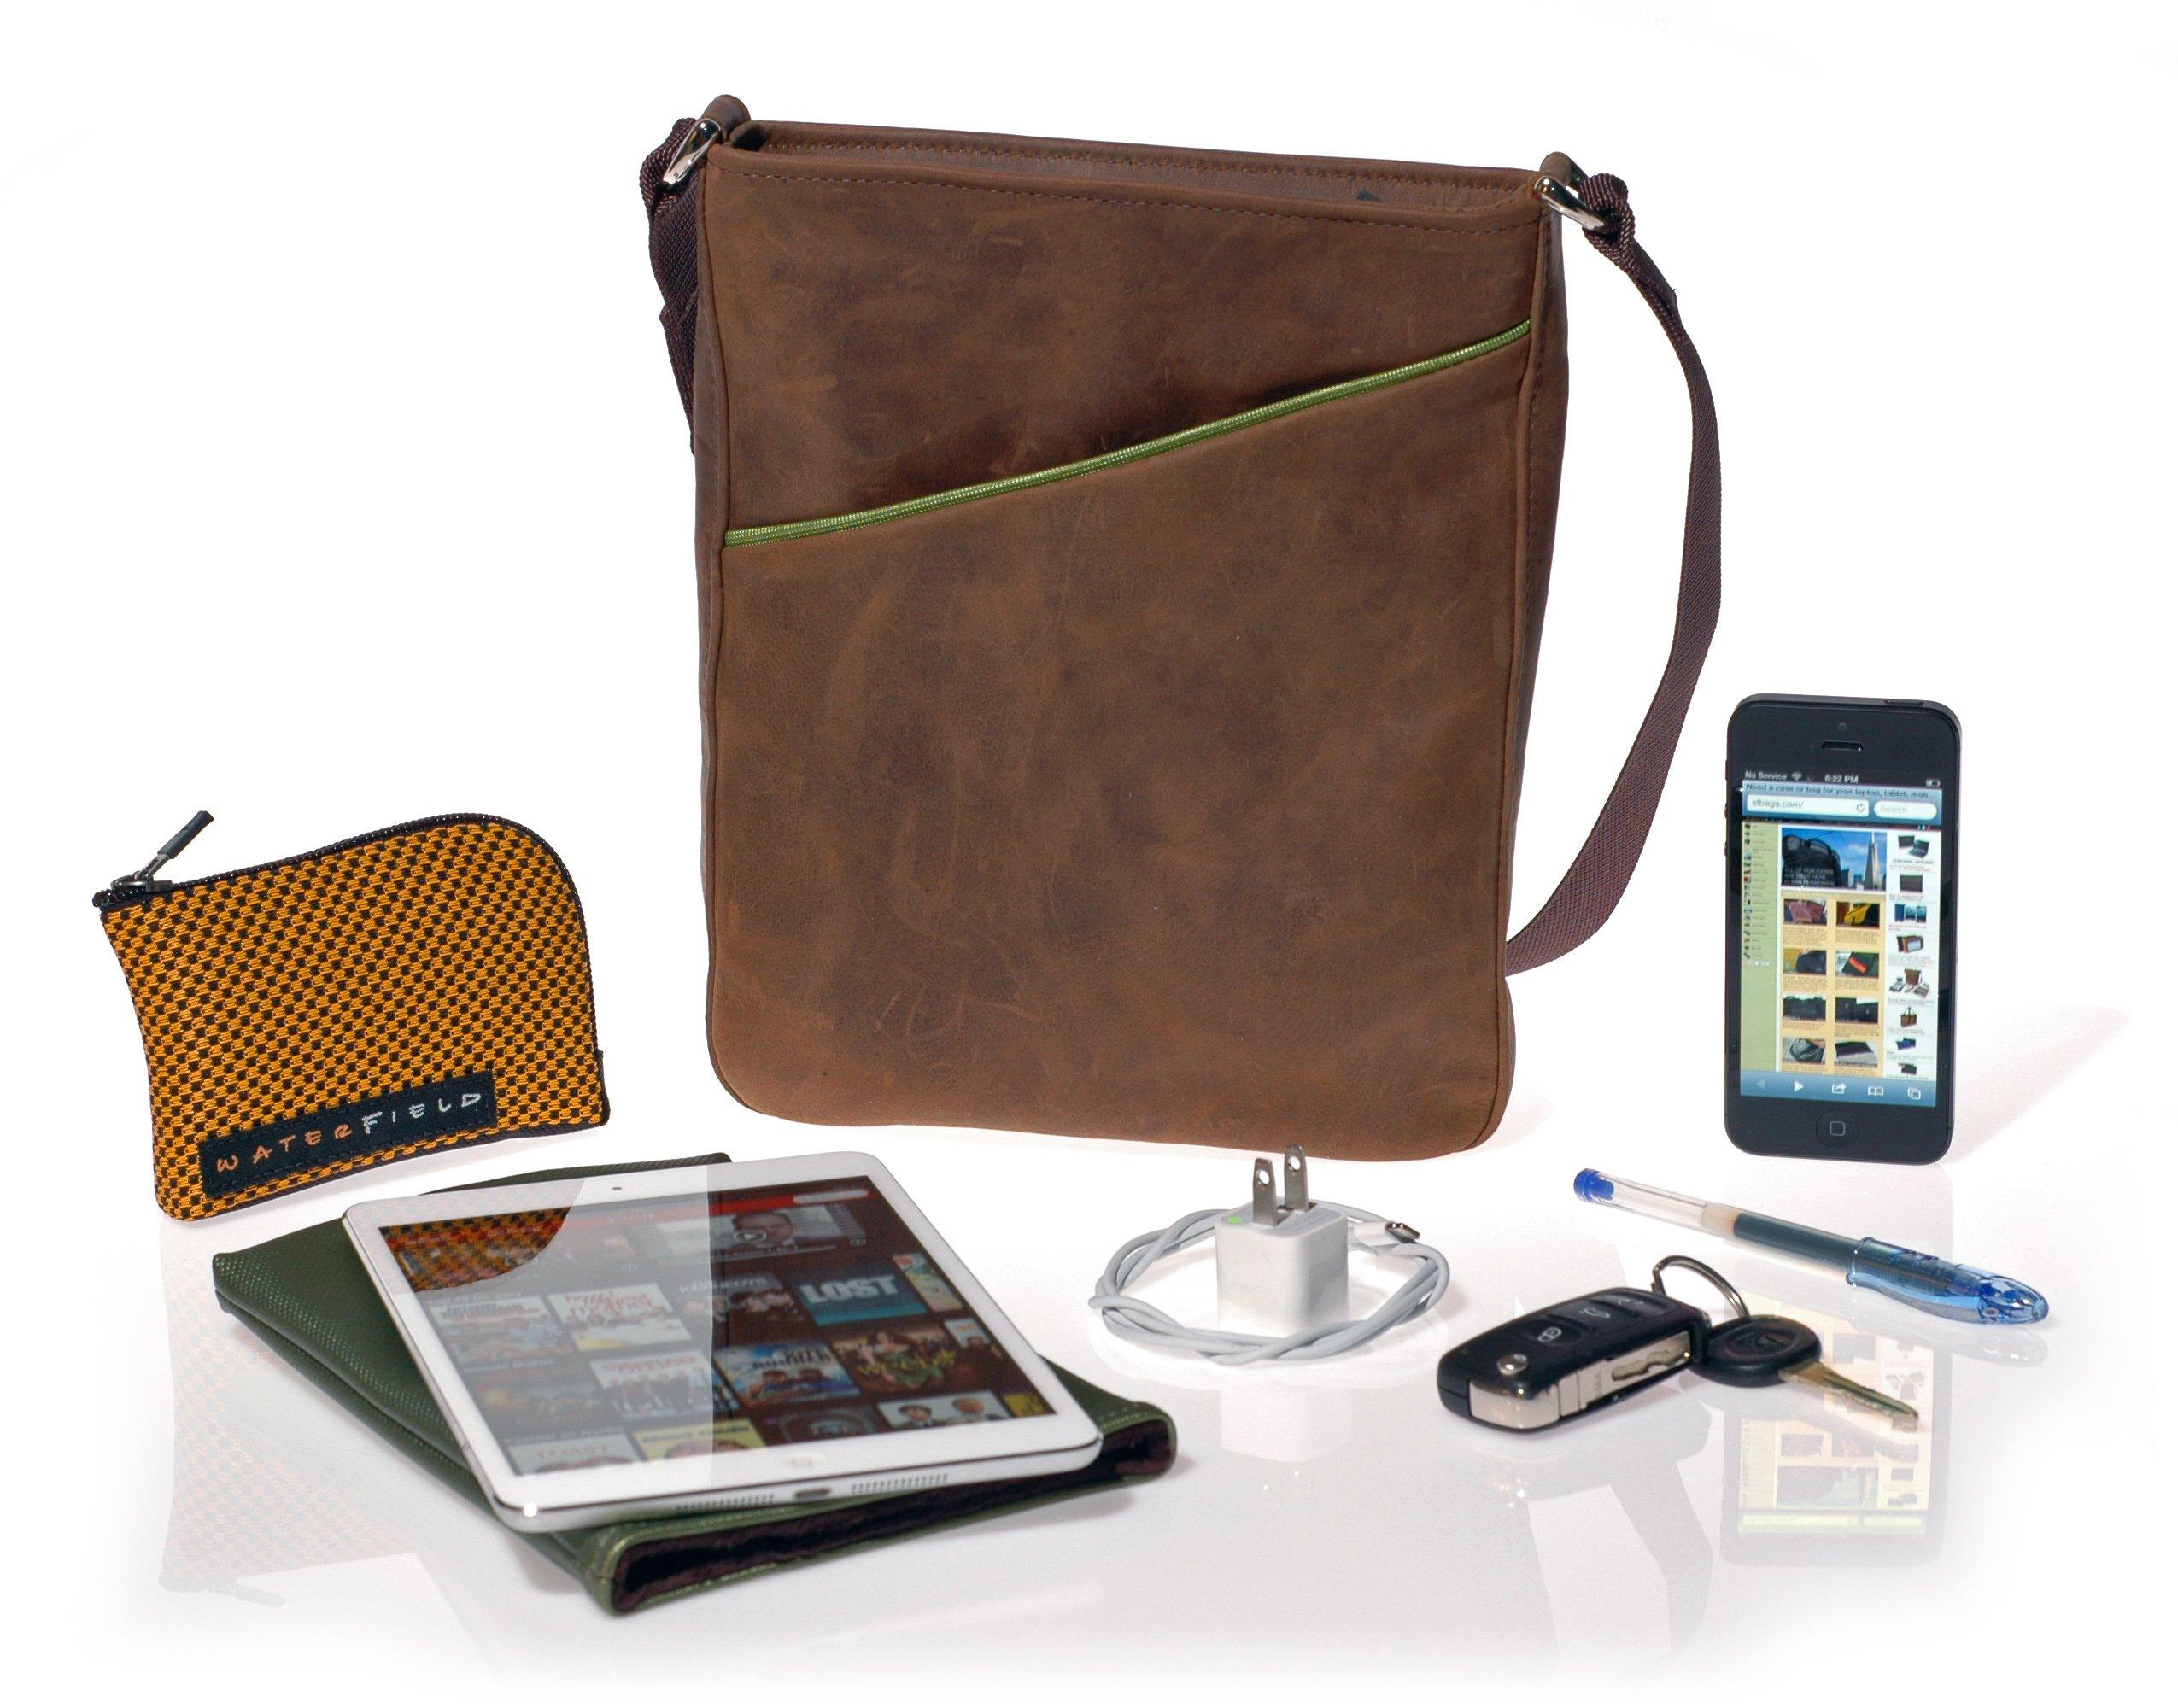 Indy iPad mini Bag - What Fits Inside